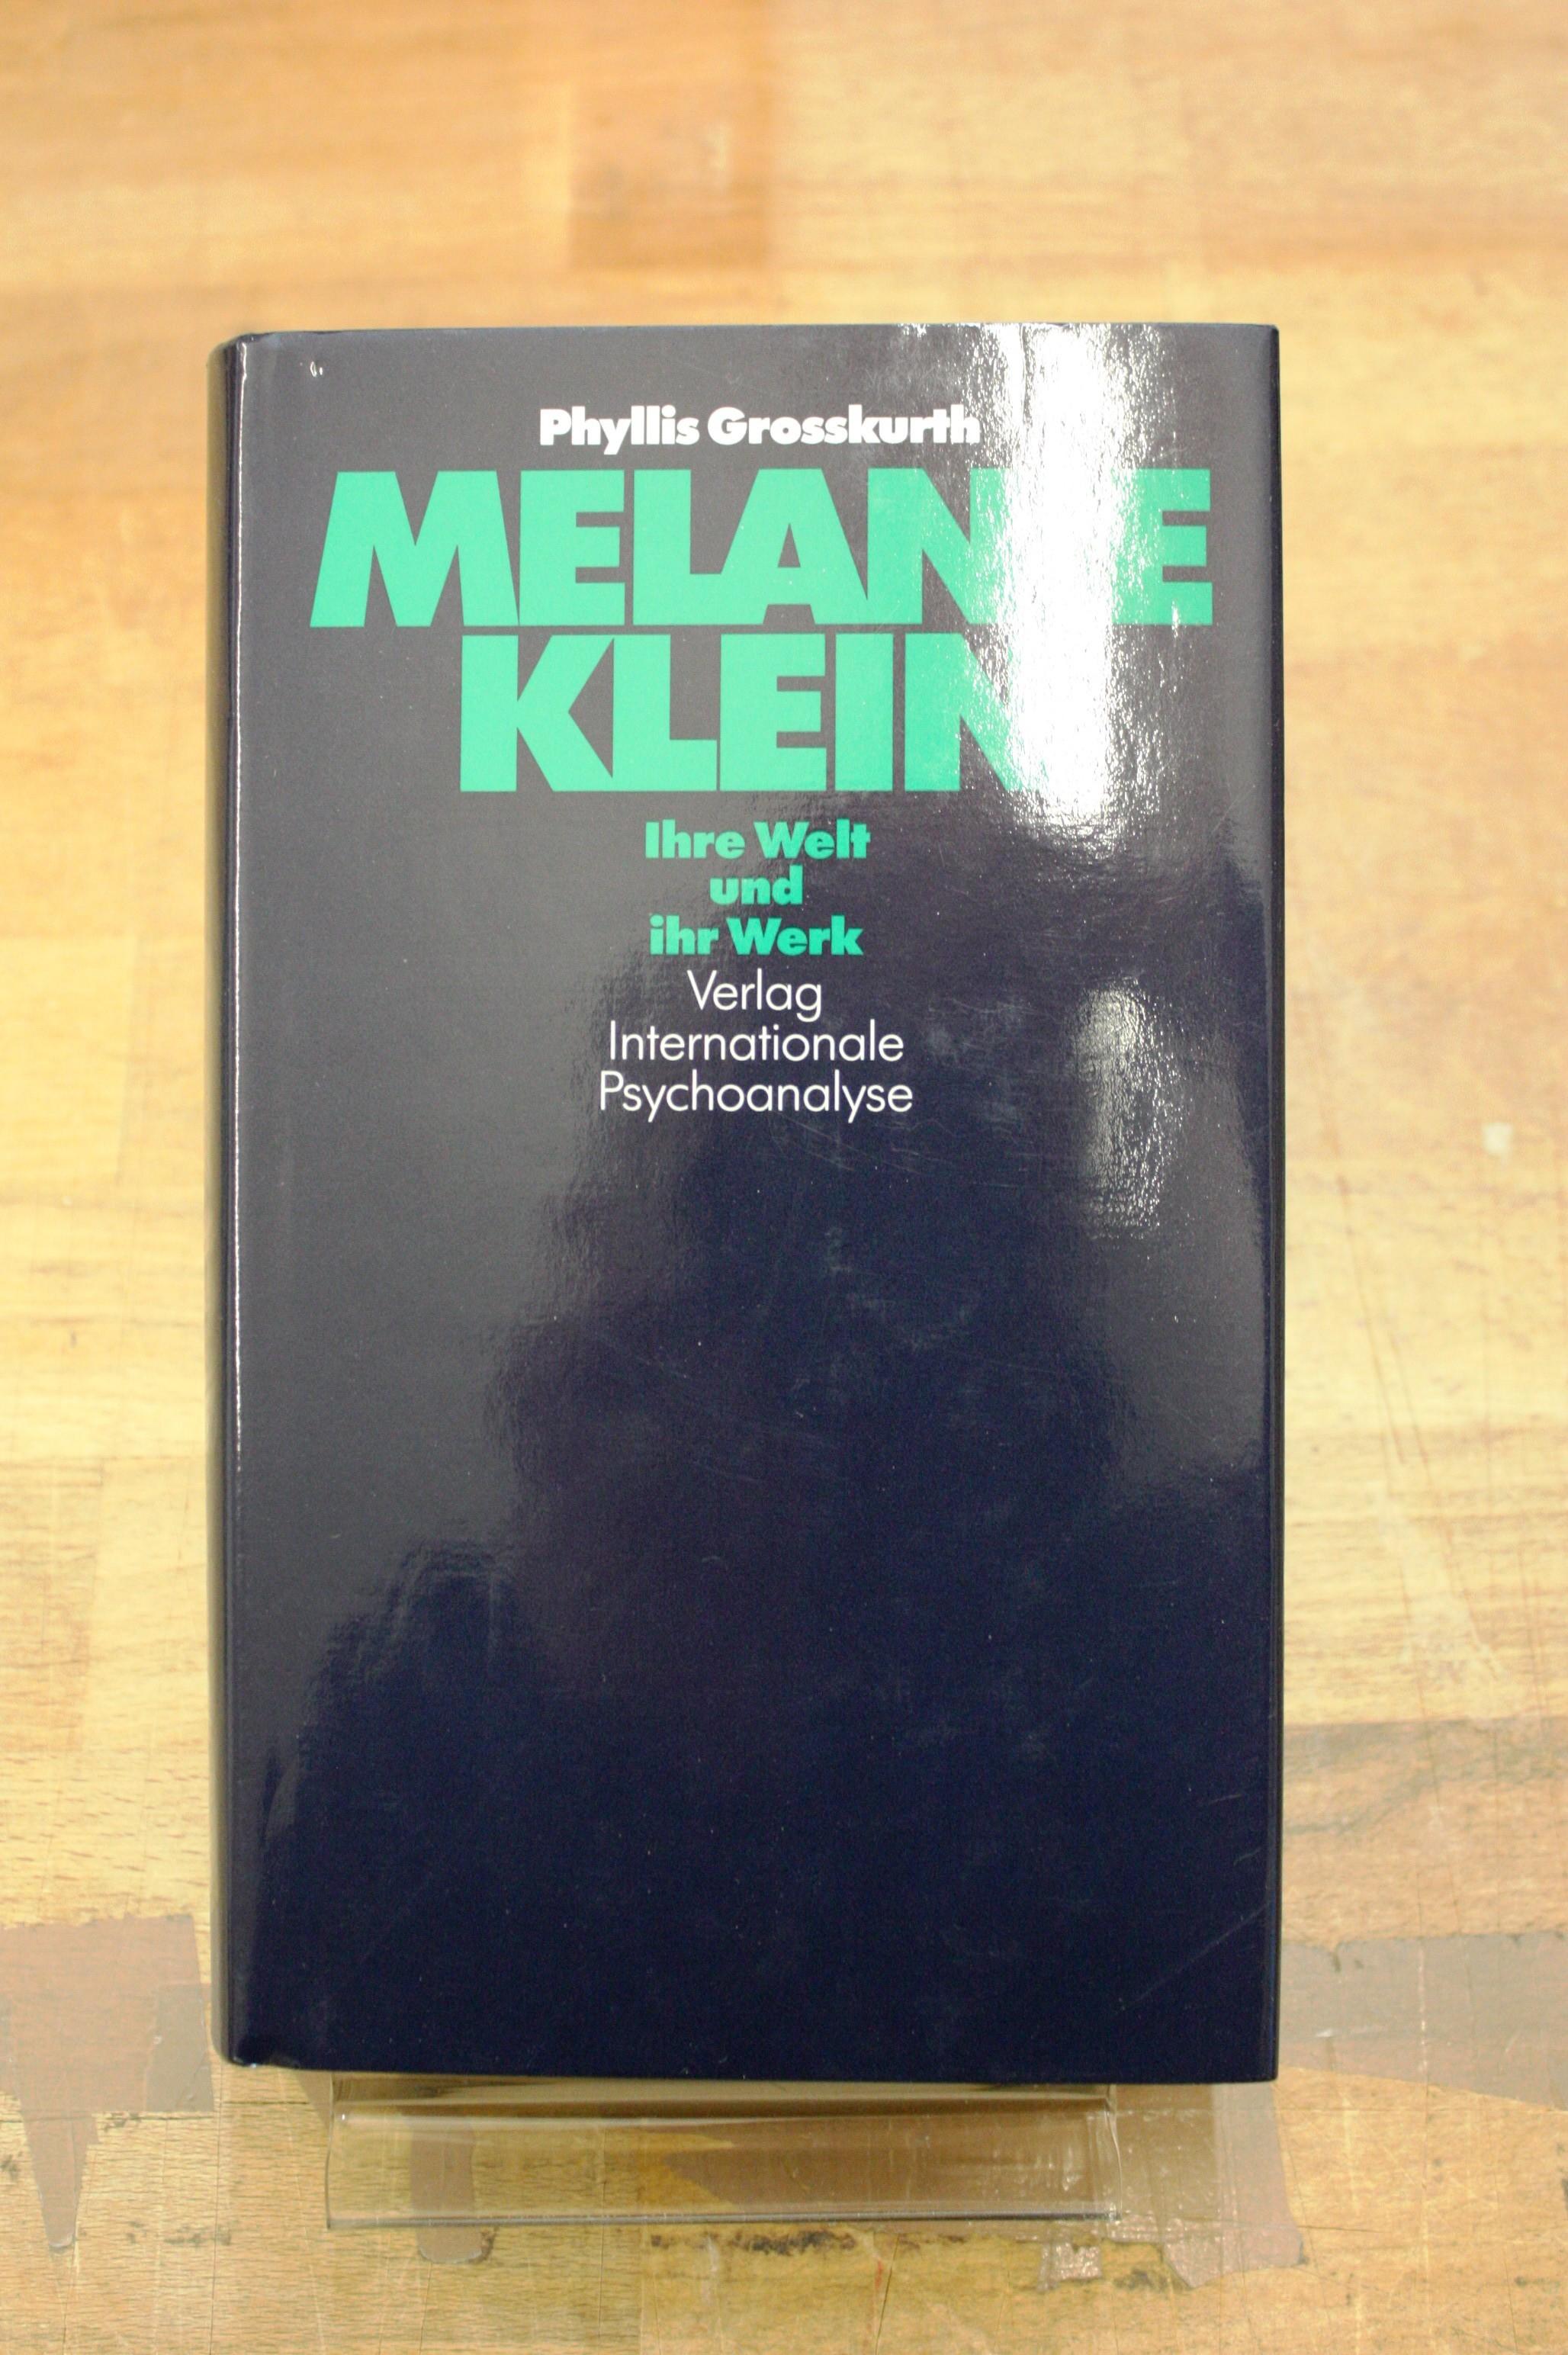 Melanie Klein Leben und Werk - Grosskurth, Phyllis